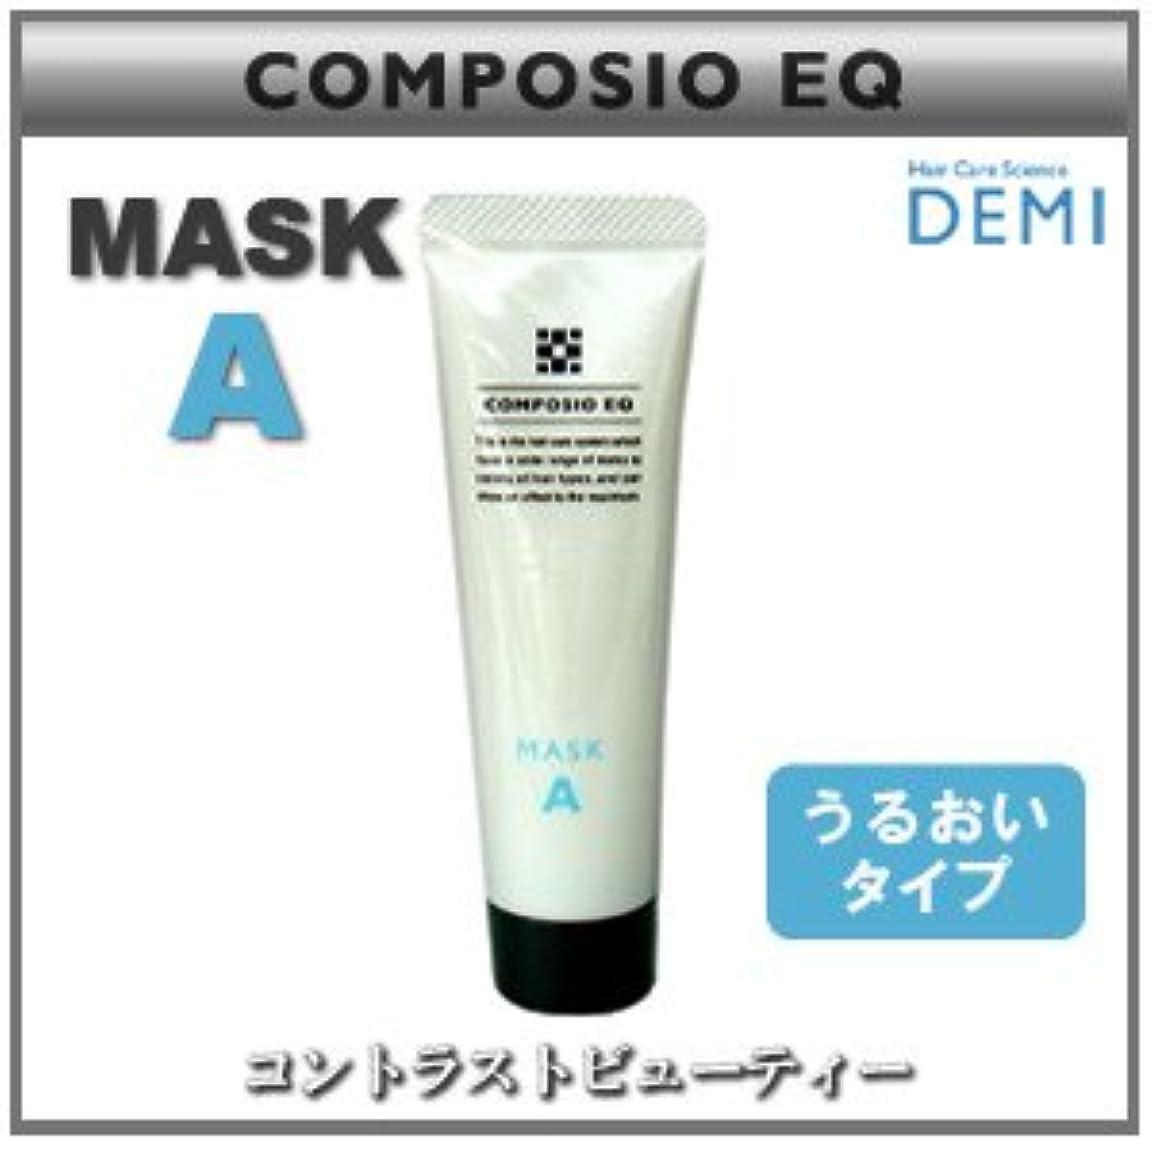 欲しいです解放するアラバマ【X4個セット】 デミ コンポジオ EQ マスク A 50g